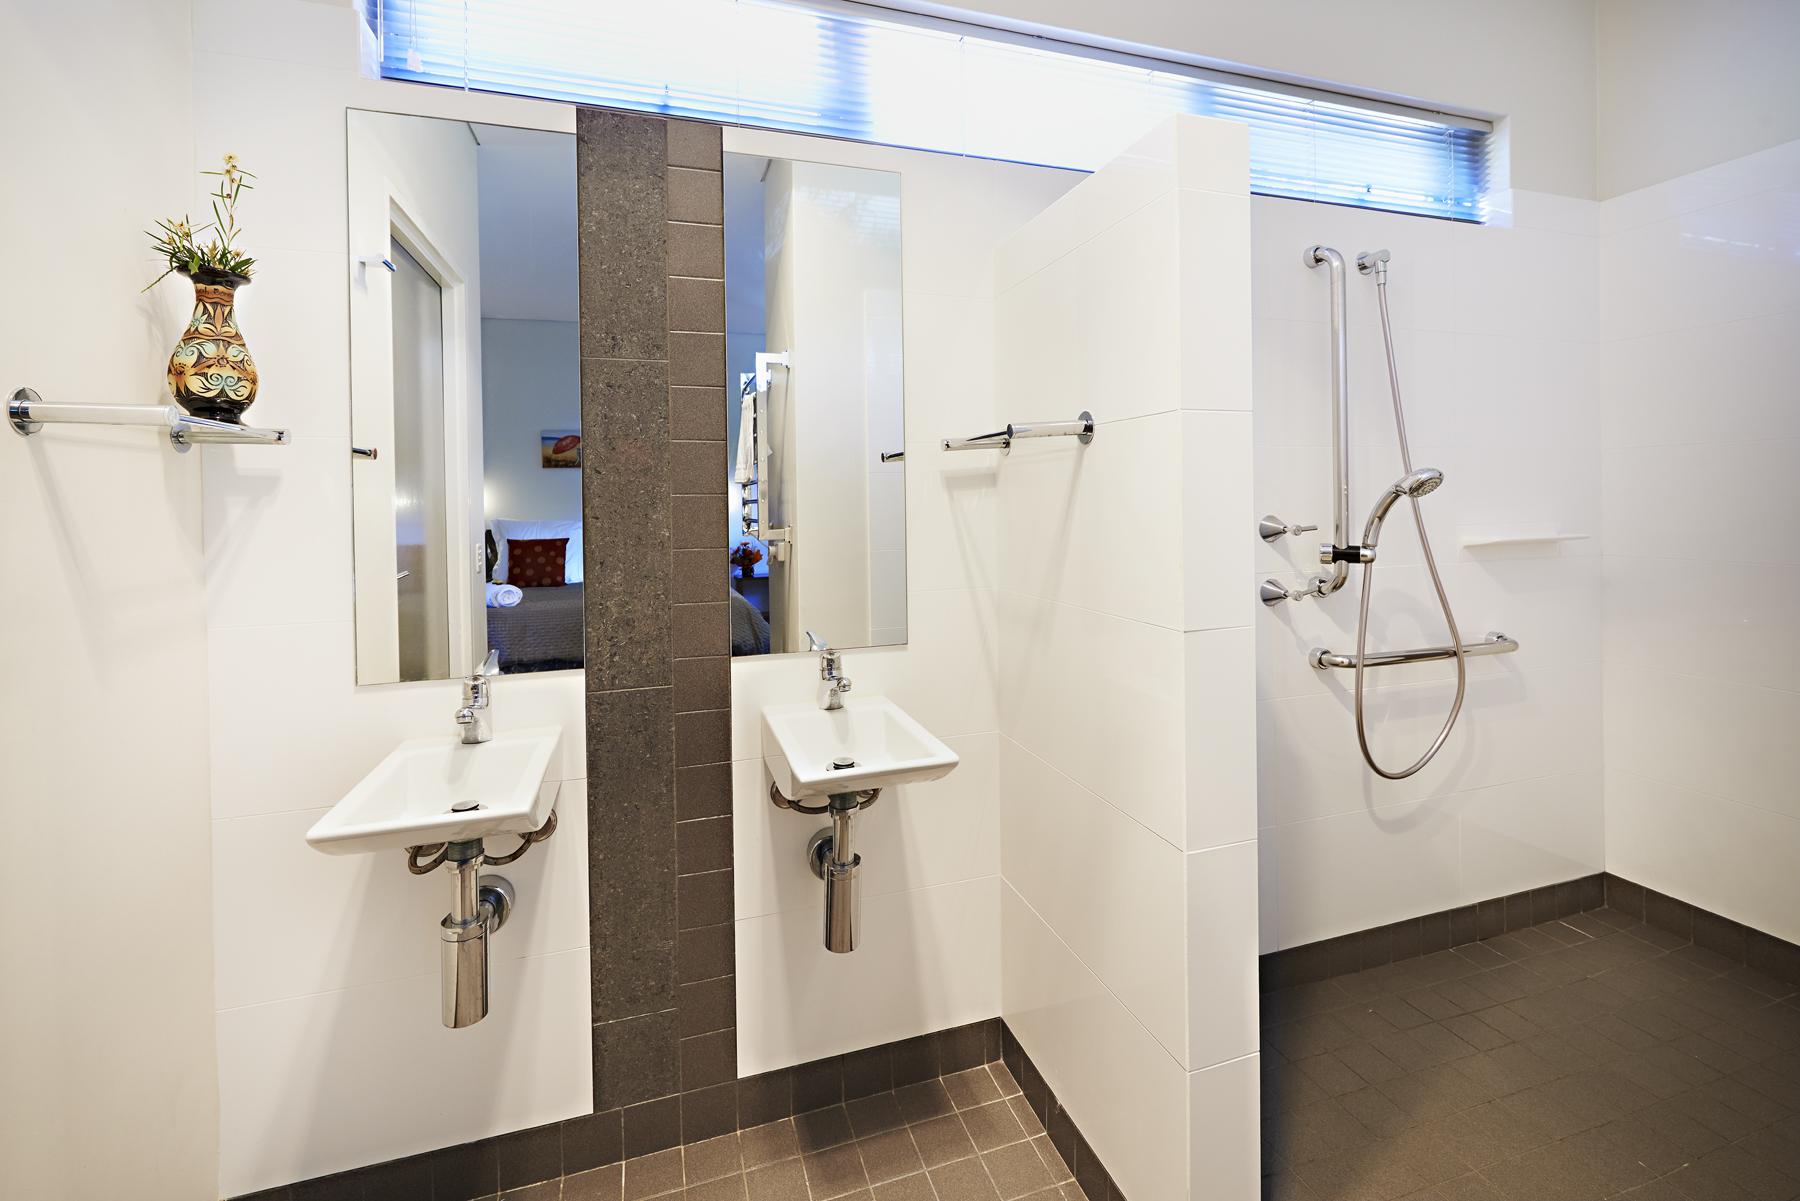 0062 - Hanover Bay Apartments - 05122013.jpg